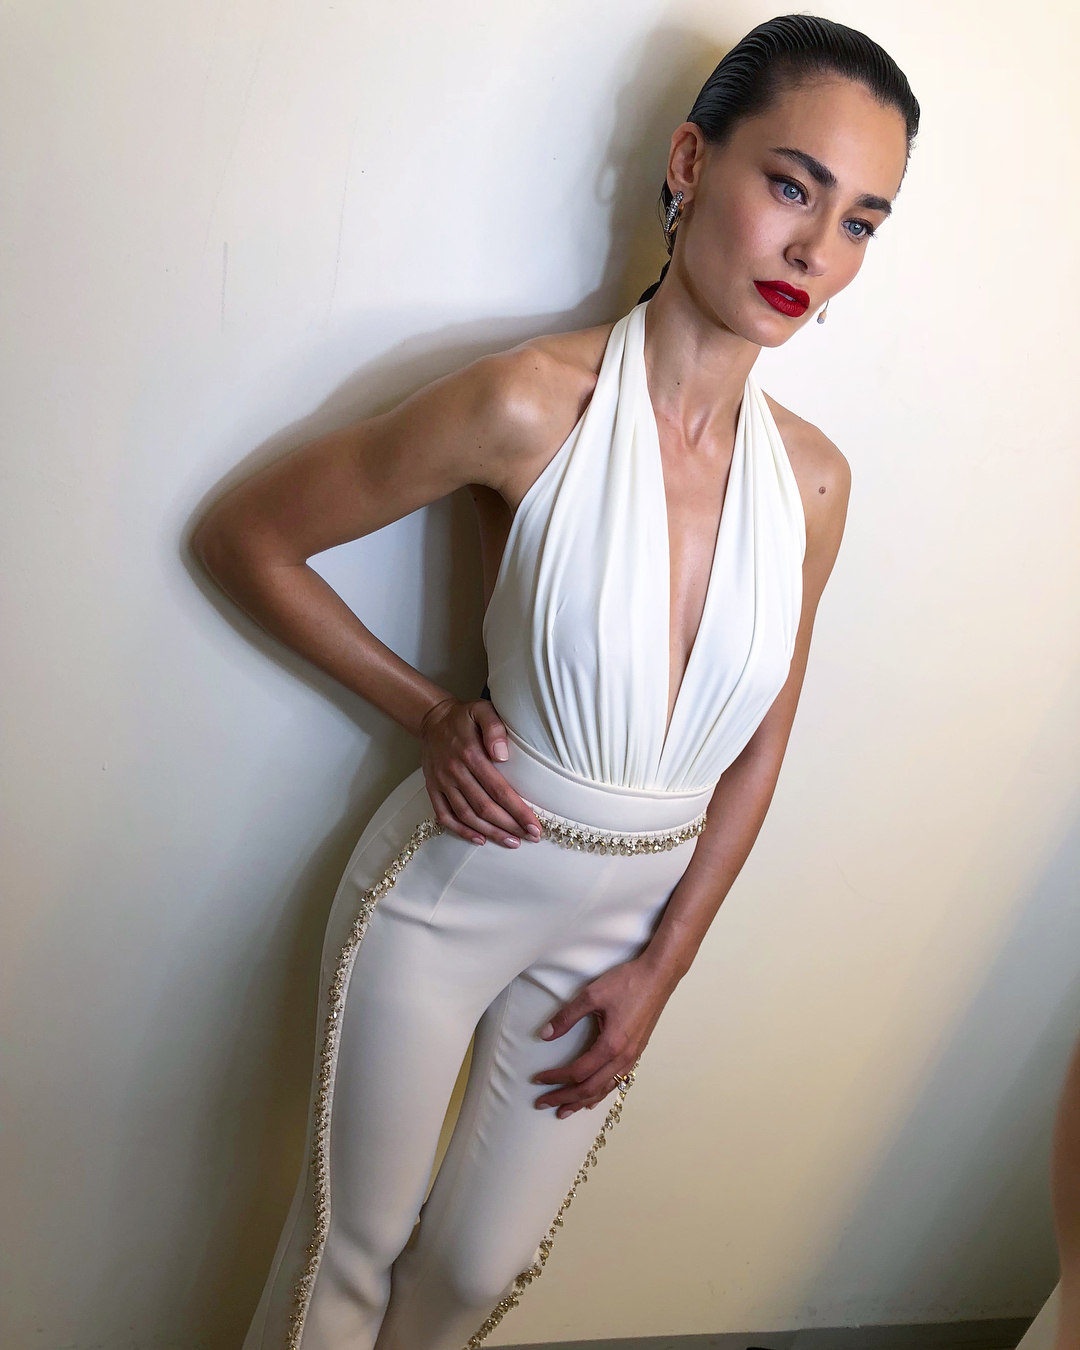 Güzel Türk oyuncu Saadet Işıl Aksoy katıldığı programa derin göğüs dekolteli seksi beyaz elbisesi ile damga vurdu. HD foto galeri için buraya tıklayın.